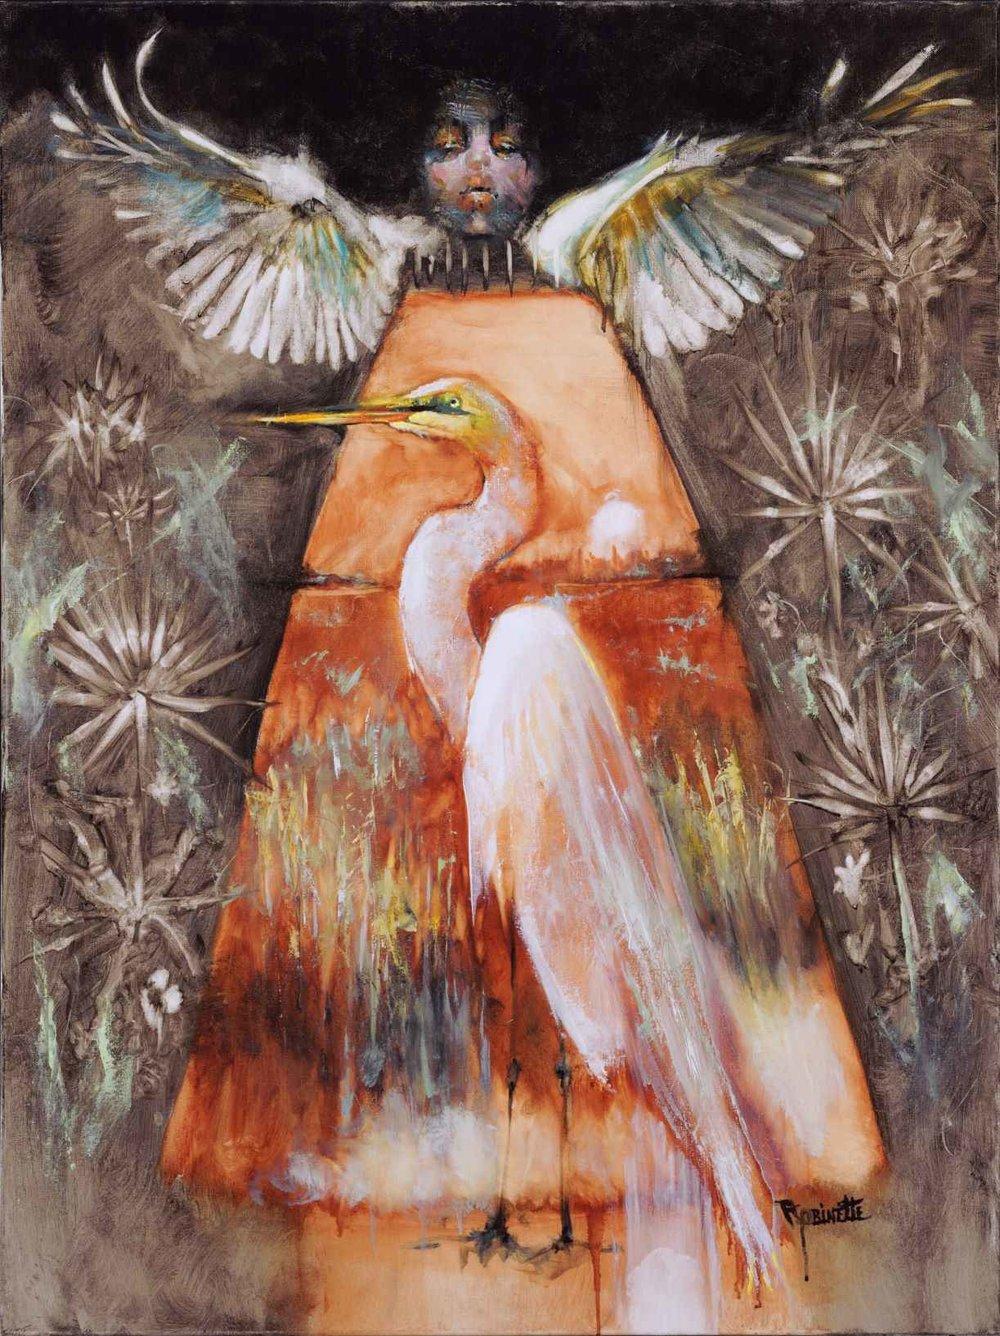 """Garland Robinette, Evangelette, oil on canvas, 30 x 40"""""""